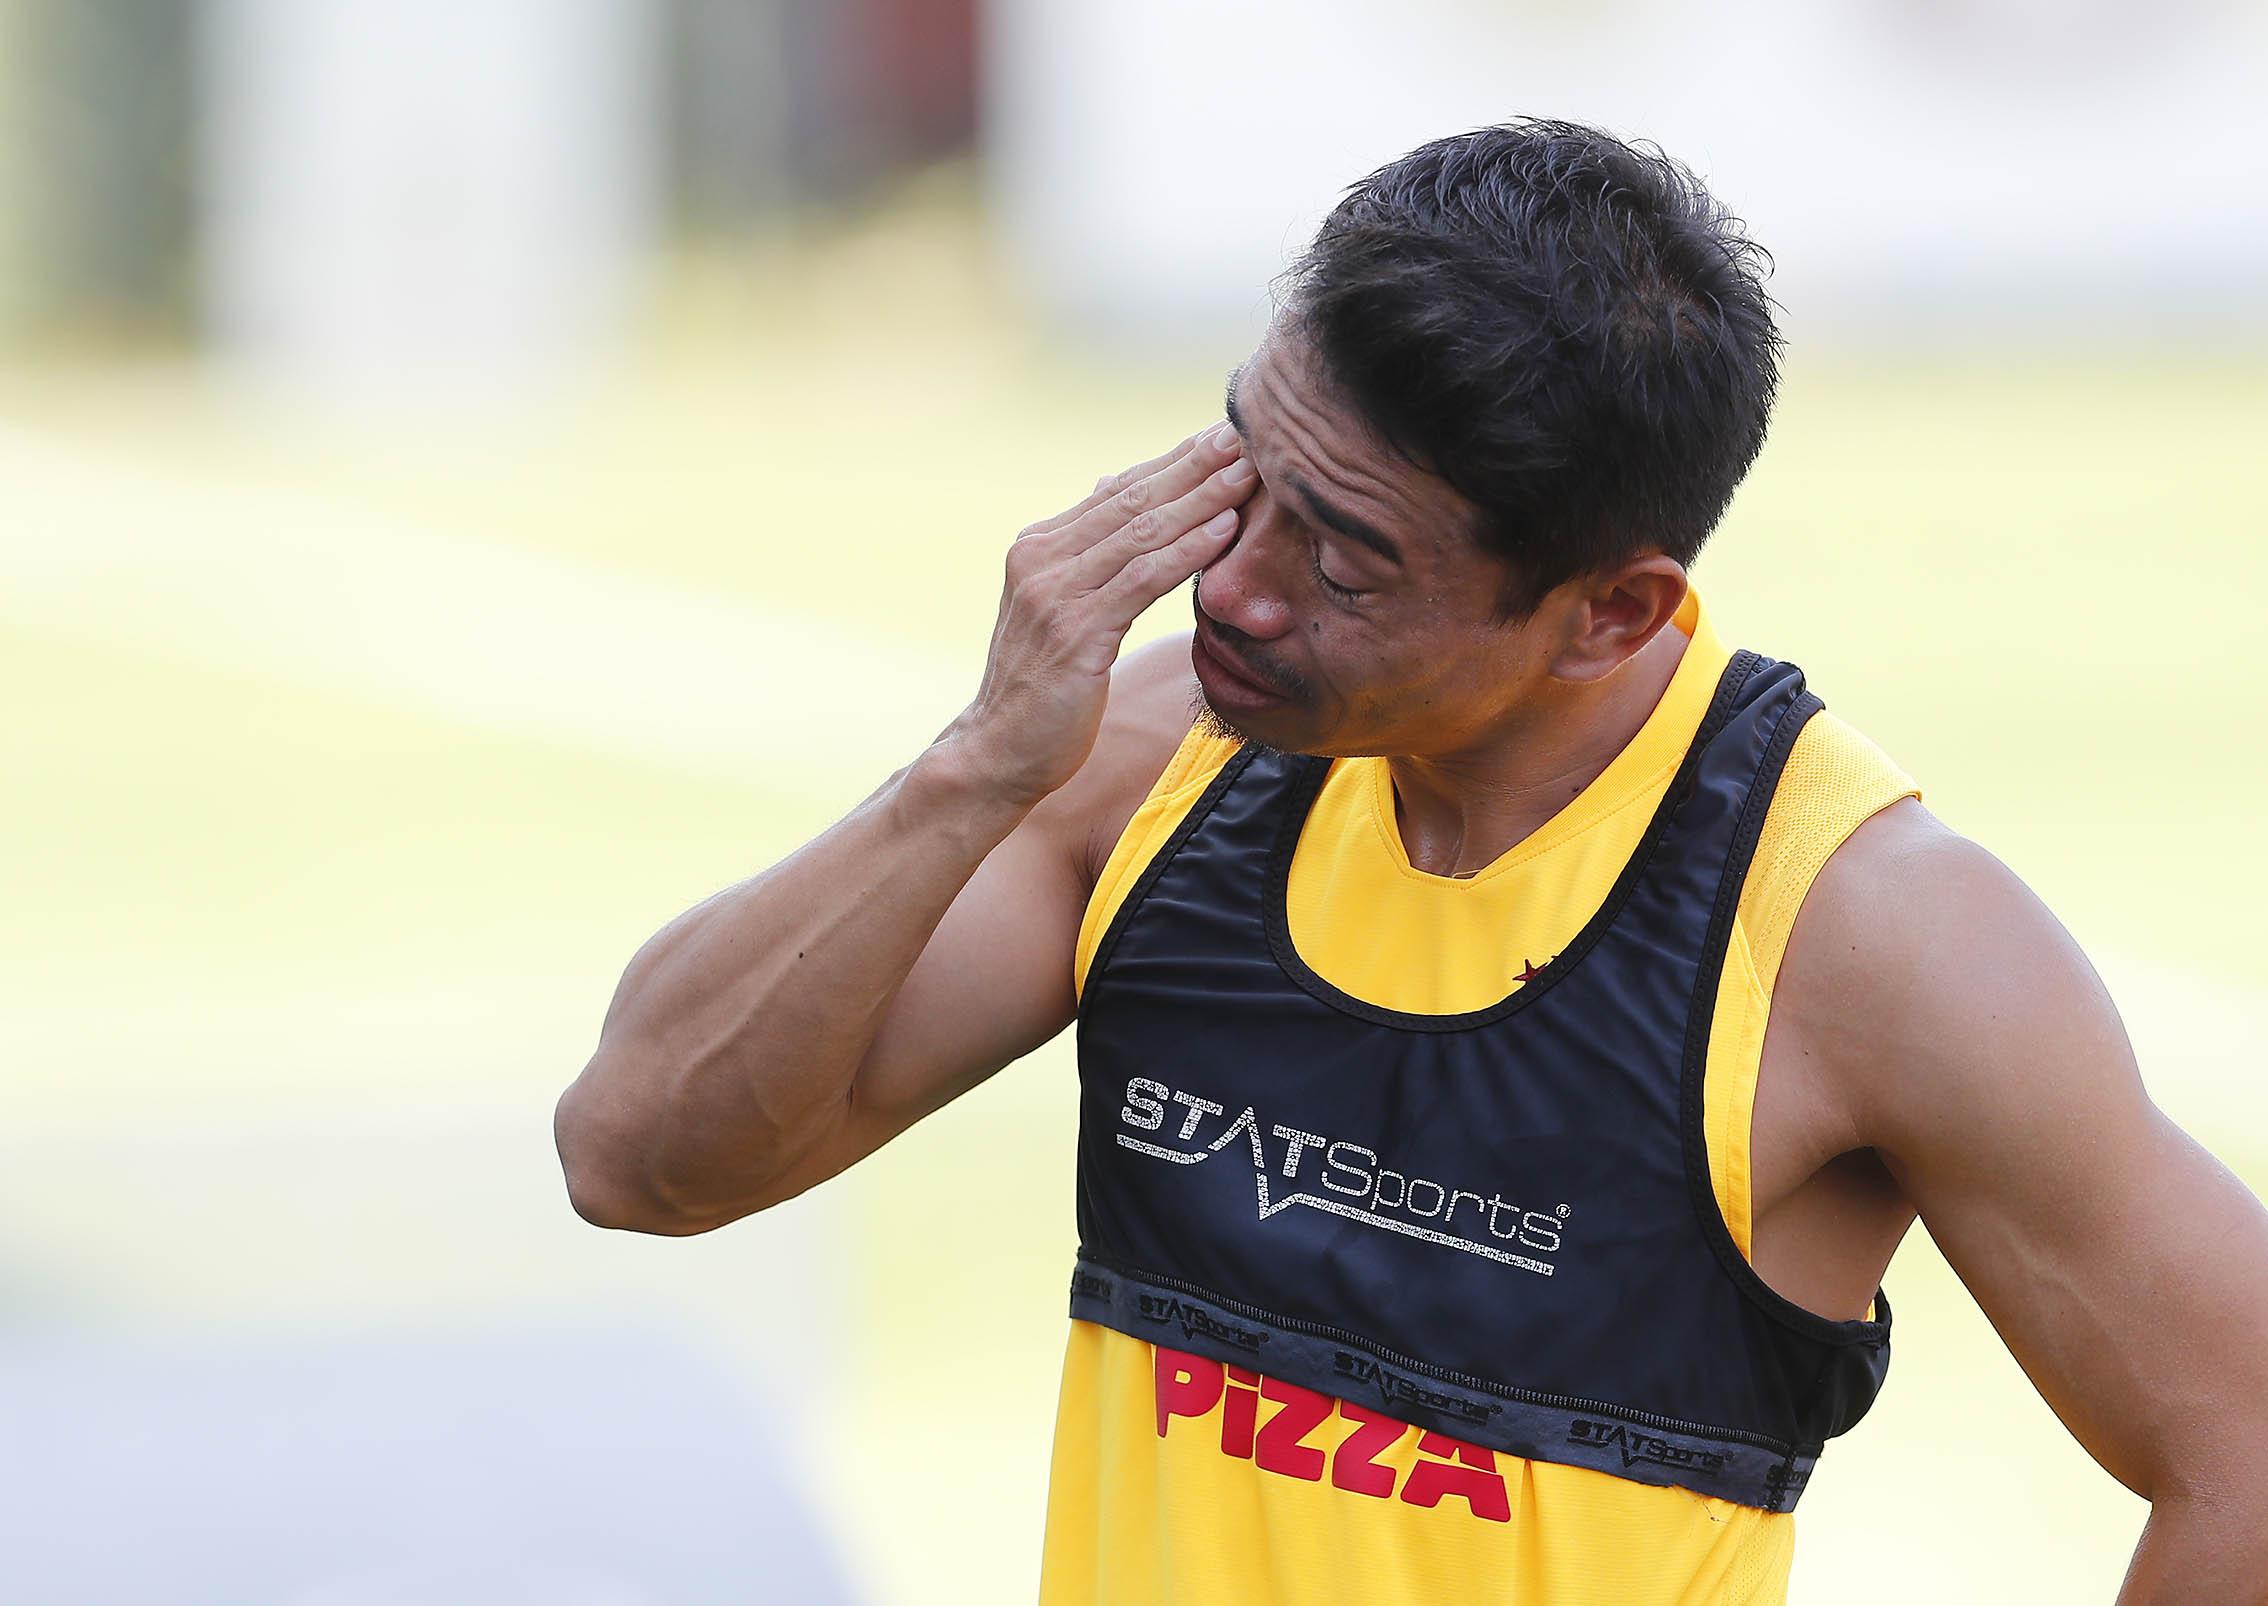 Eb6XCgXXgAAIqmx?format=jpg&name=4096x4096 - Yuto Nagatomo Galatasaray'a gözyaşlarıyla veda etti | İşte o anlar